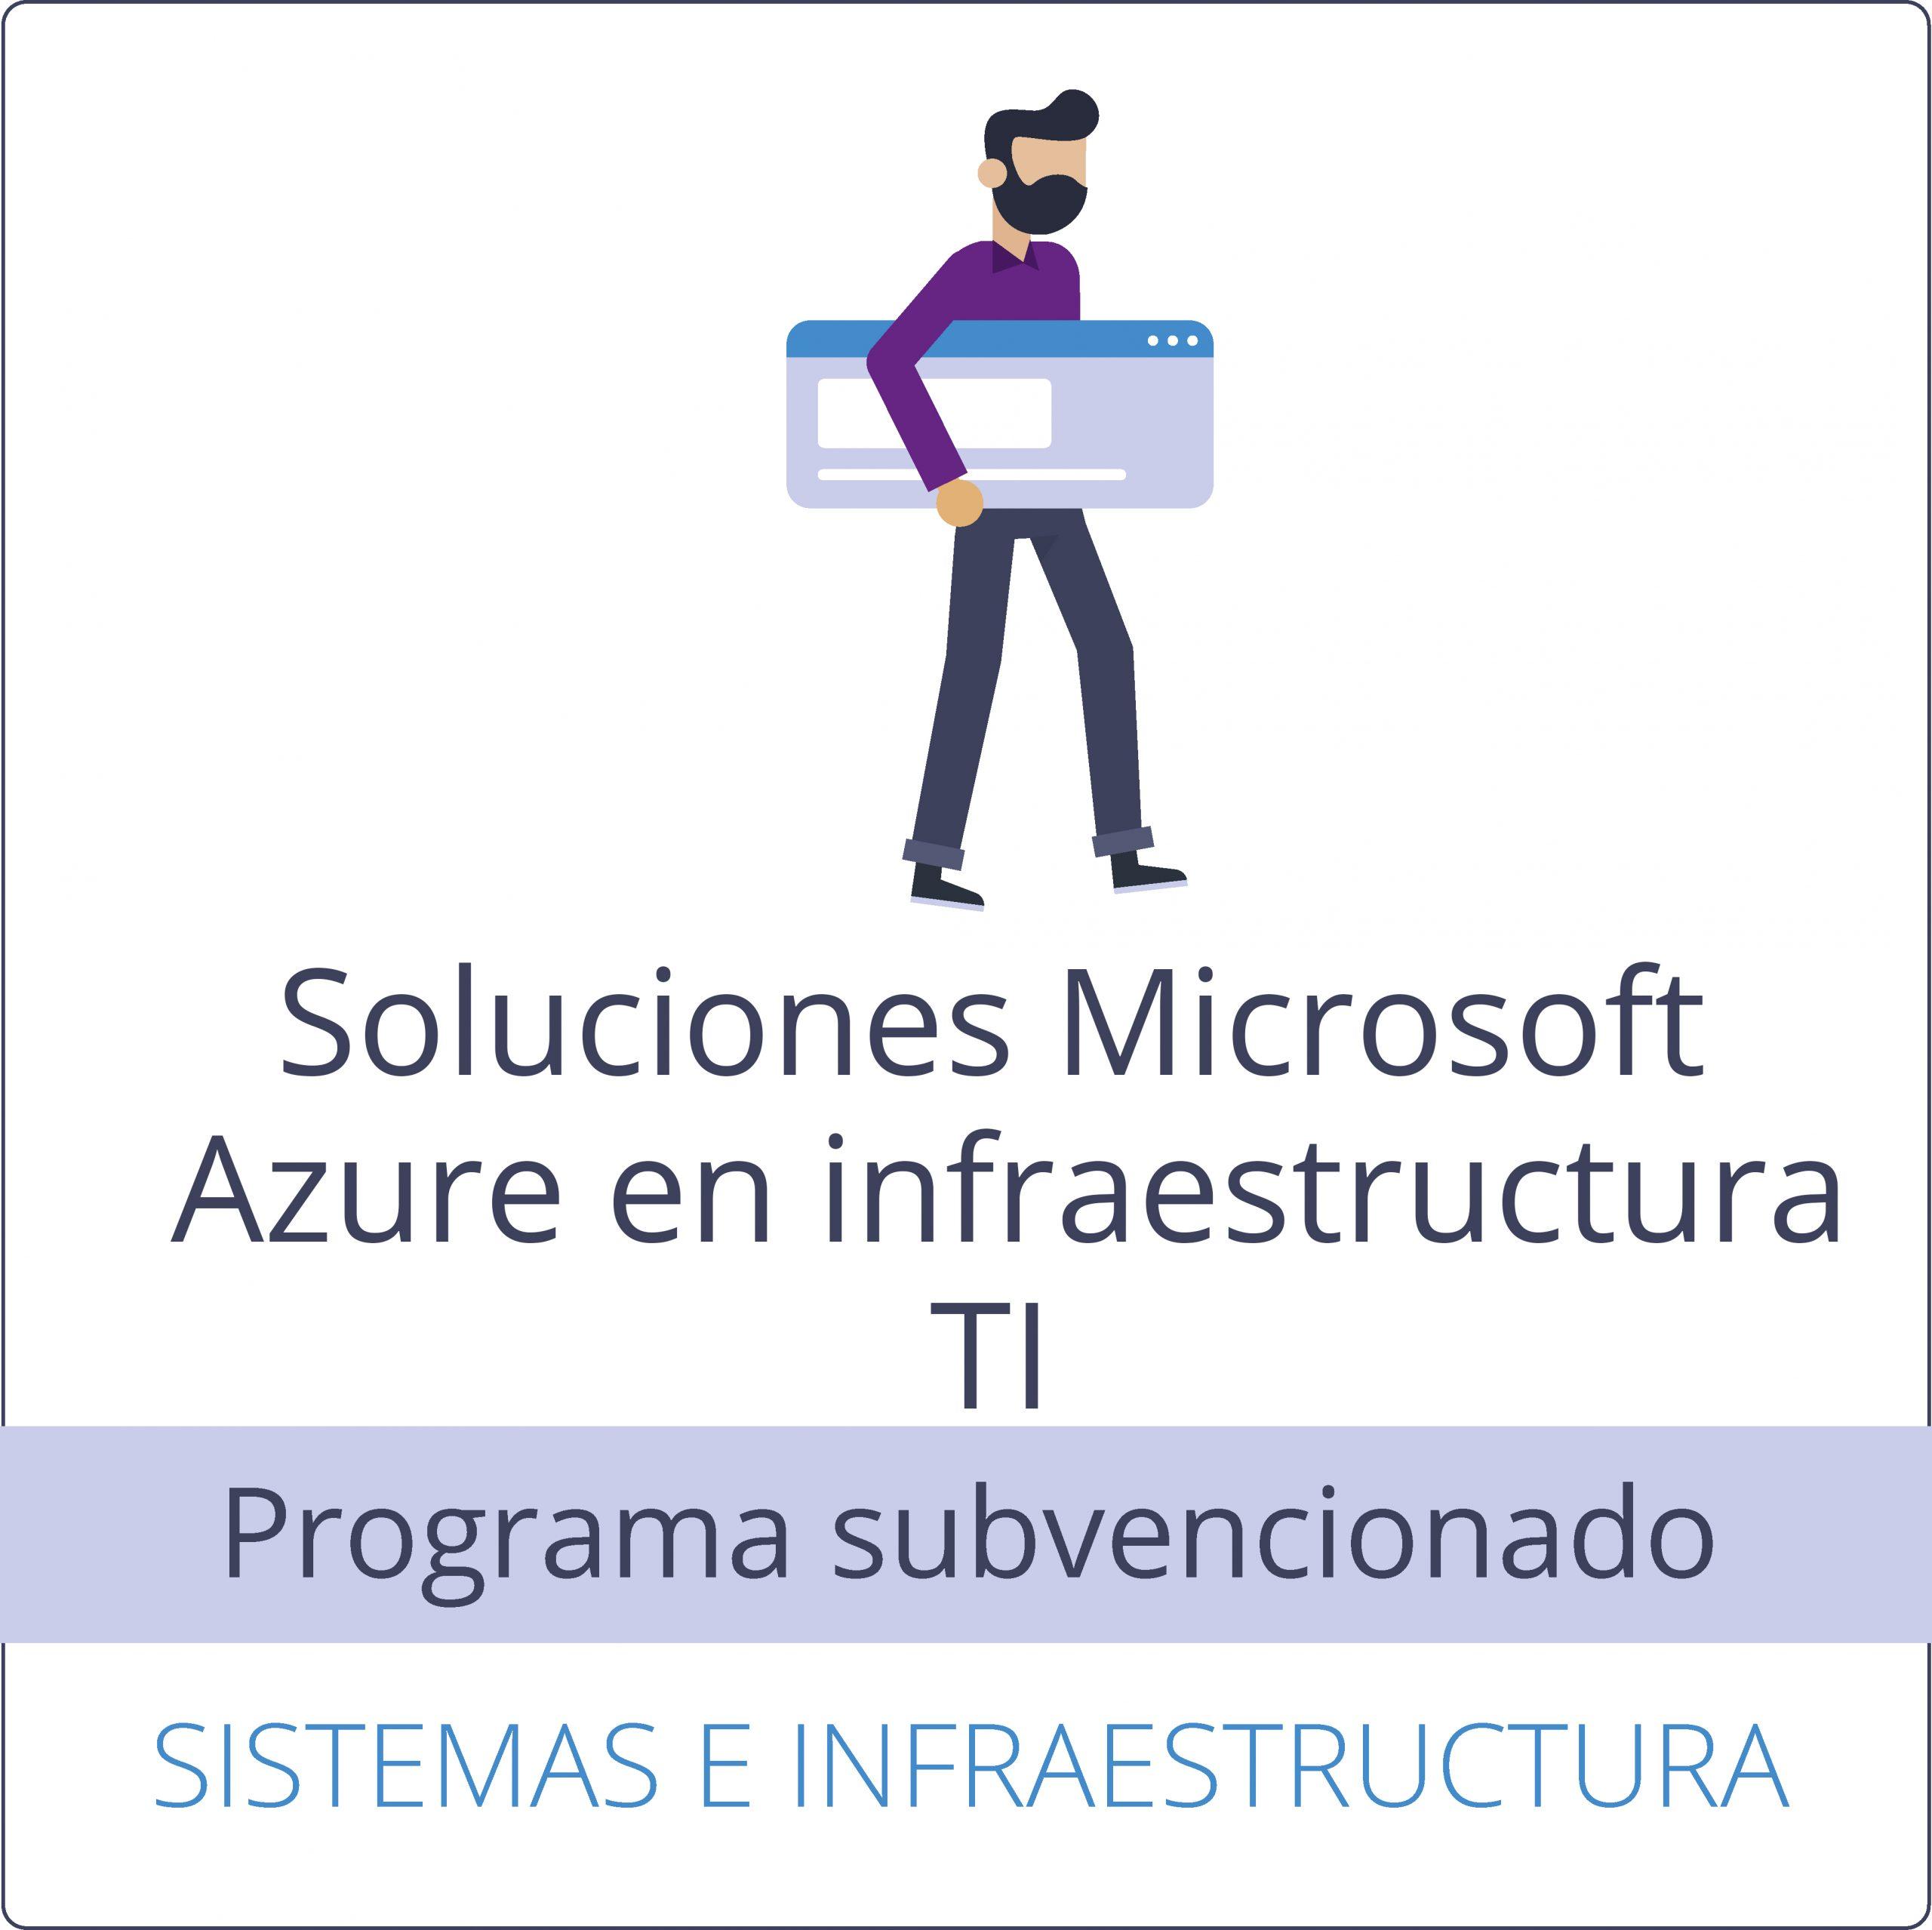 Implementación de soluciones Microsoft Azure en infraestructuras TI (Subvencionado)